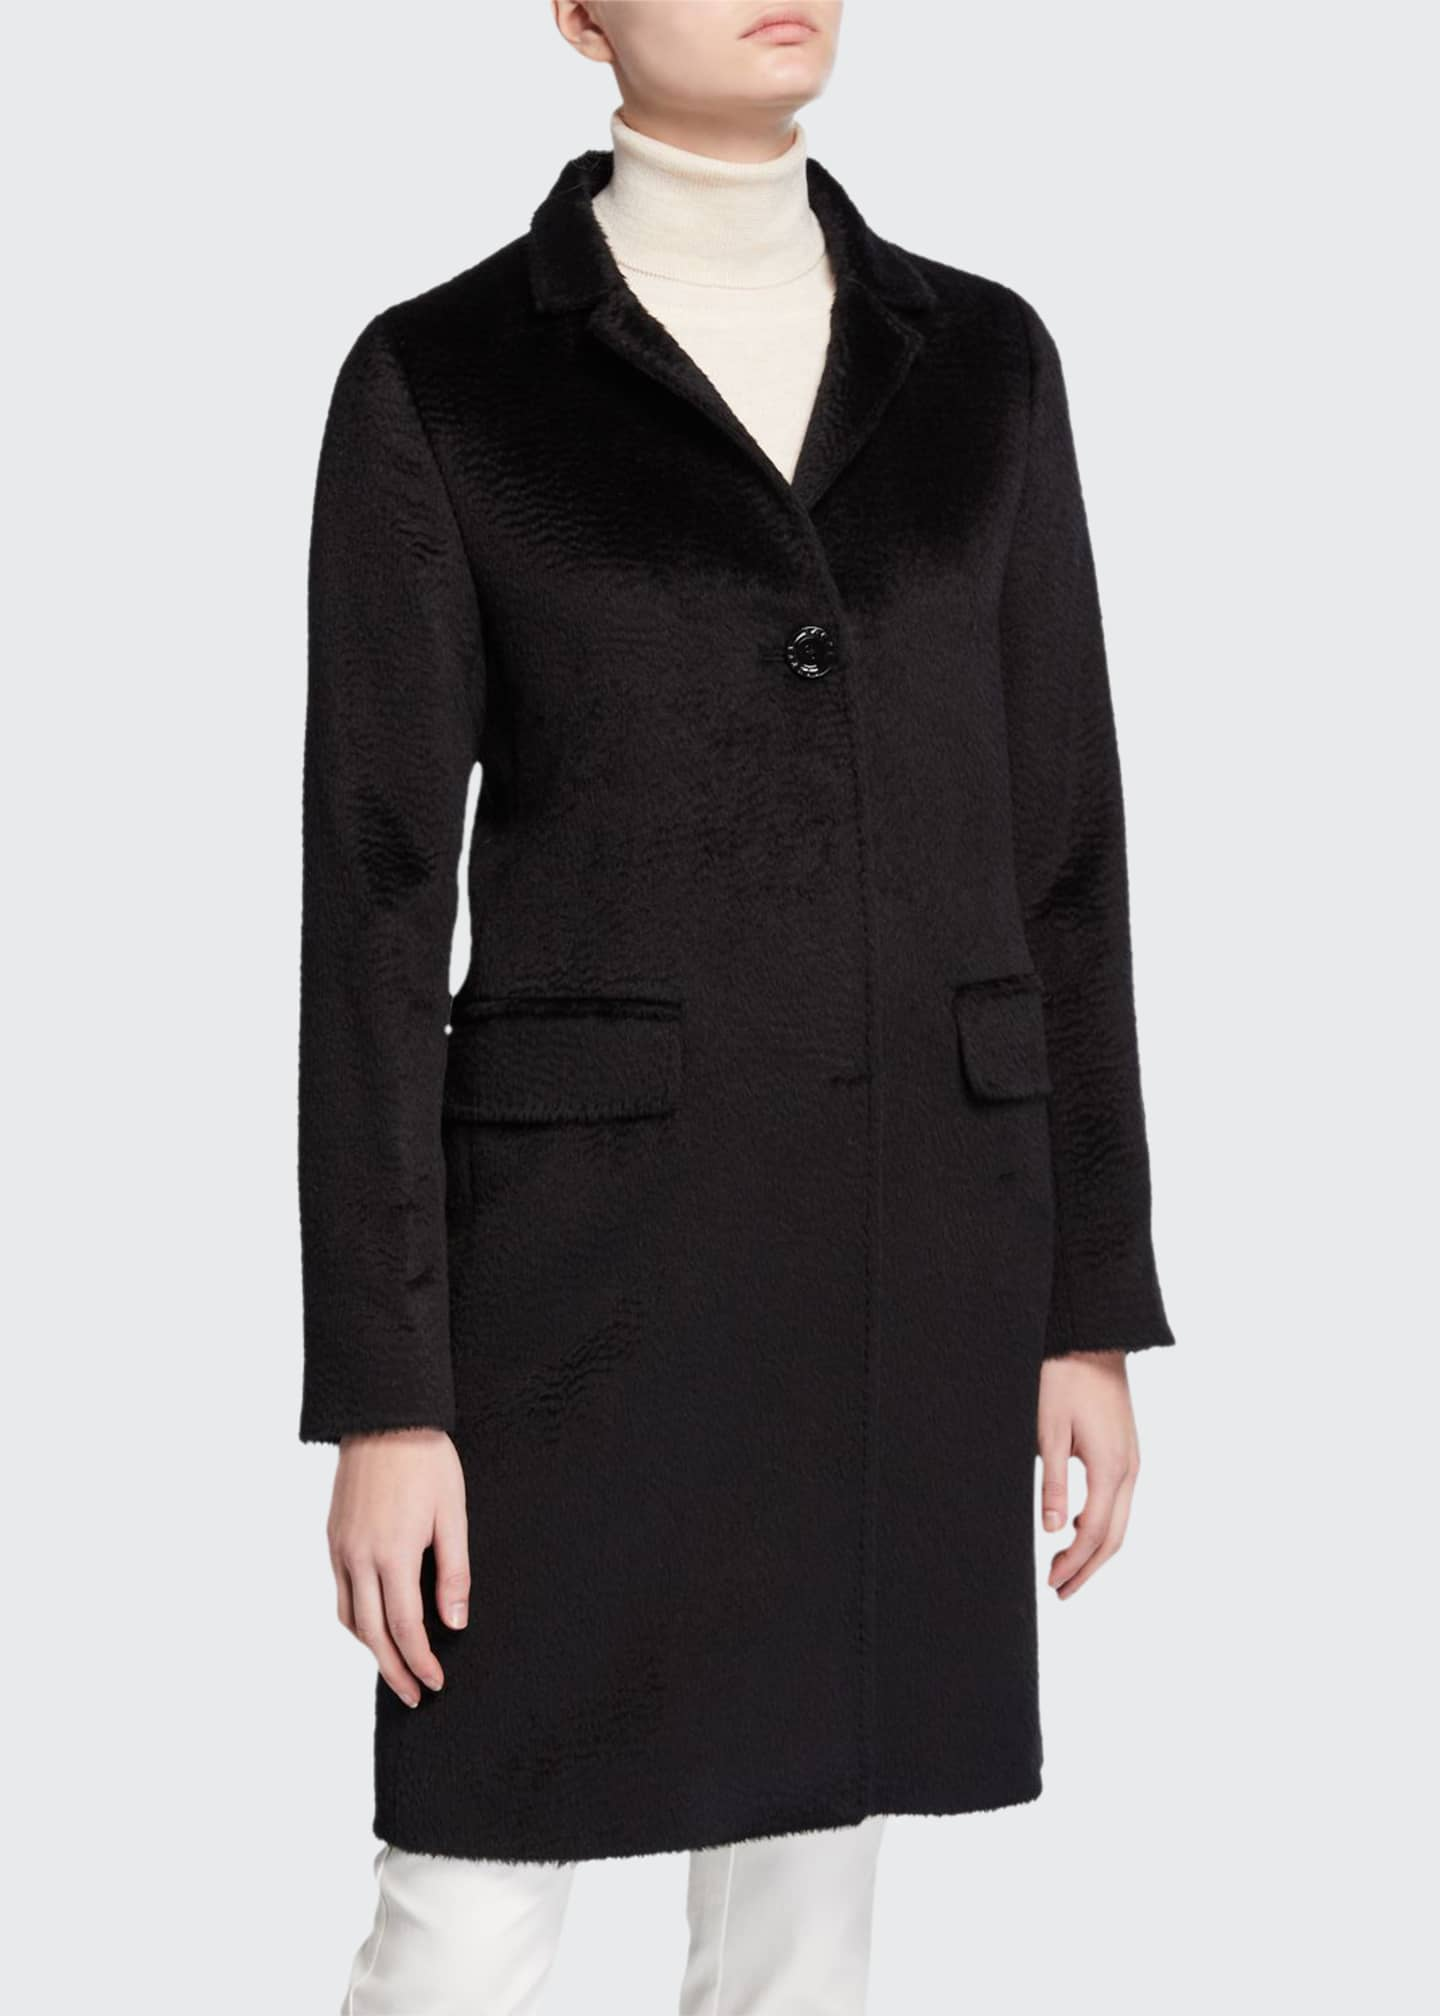 Cinzia Rocca Walker Single-Breasted Pea Coat, Black